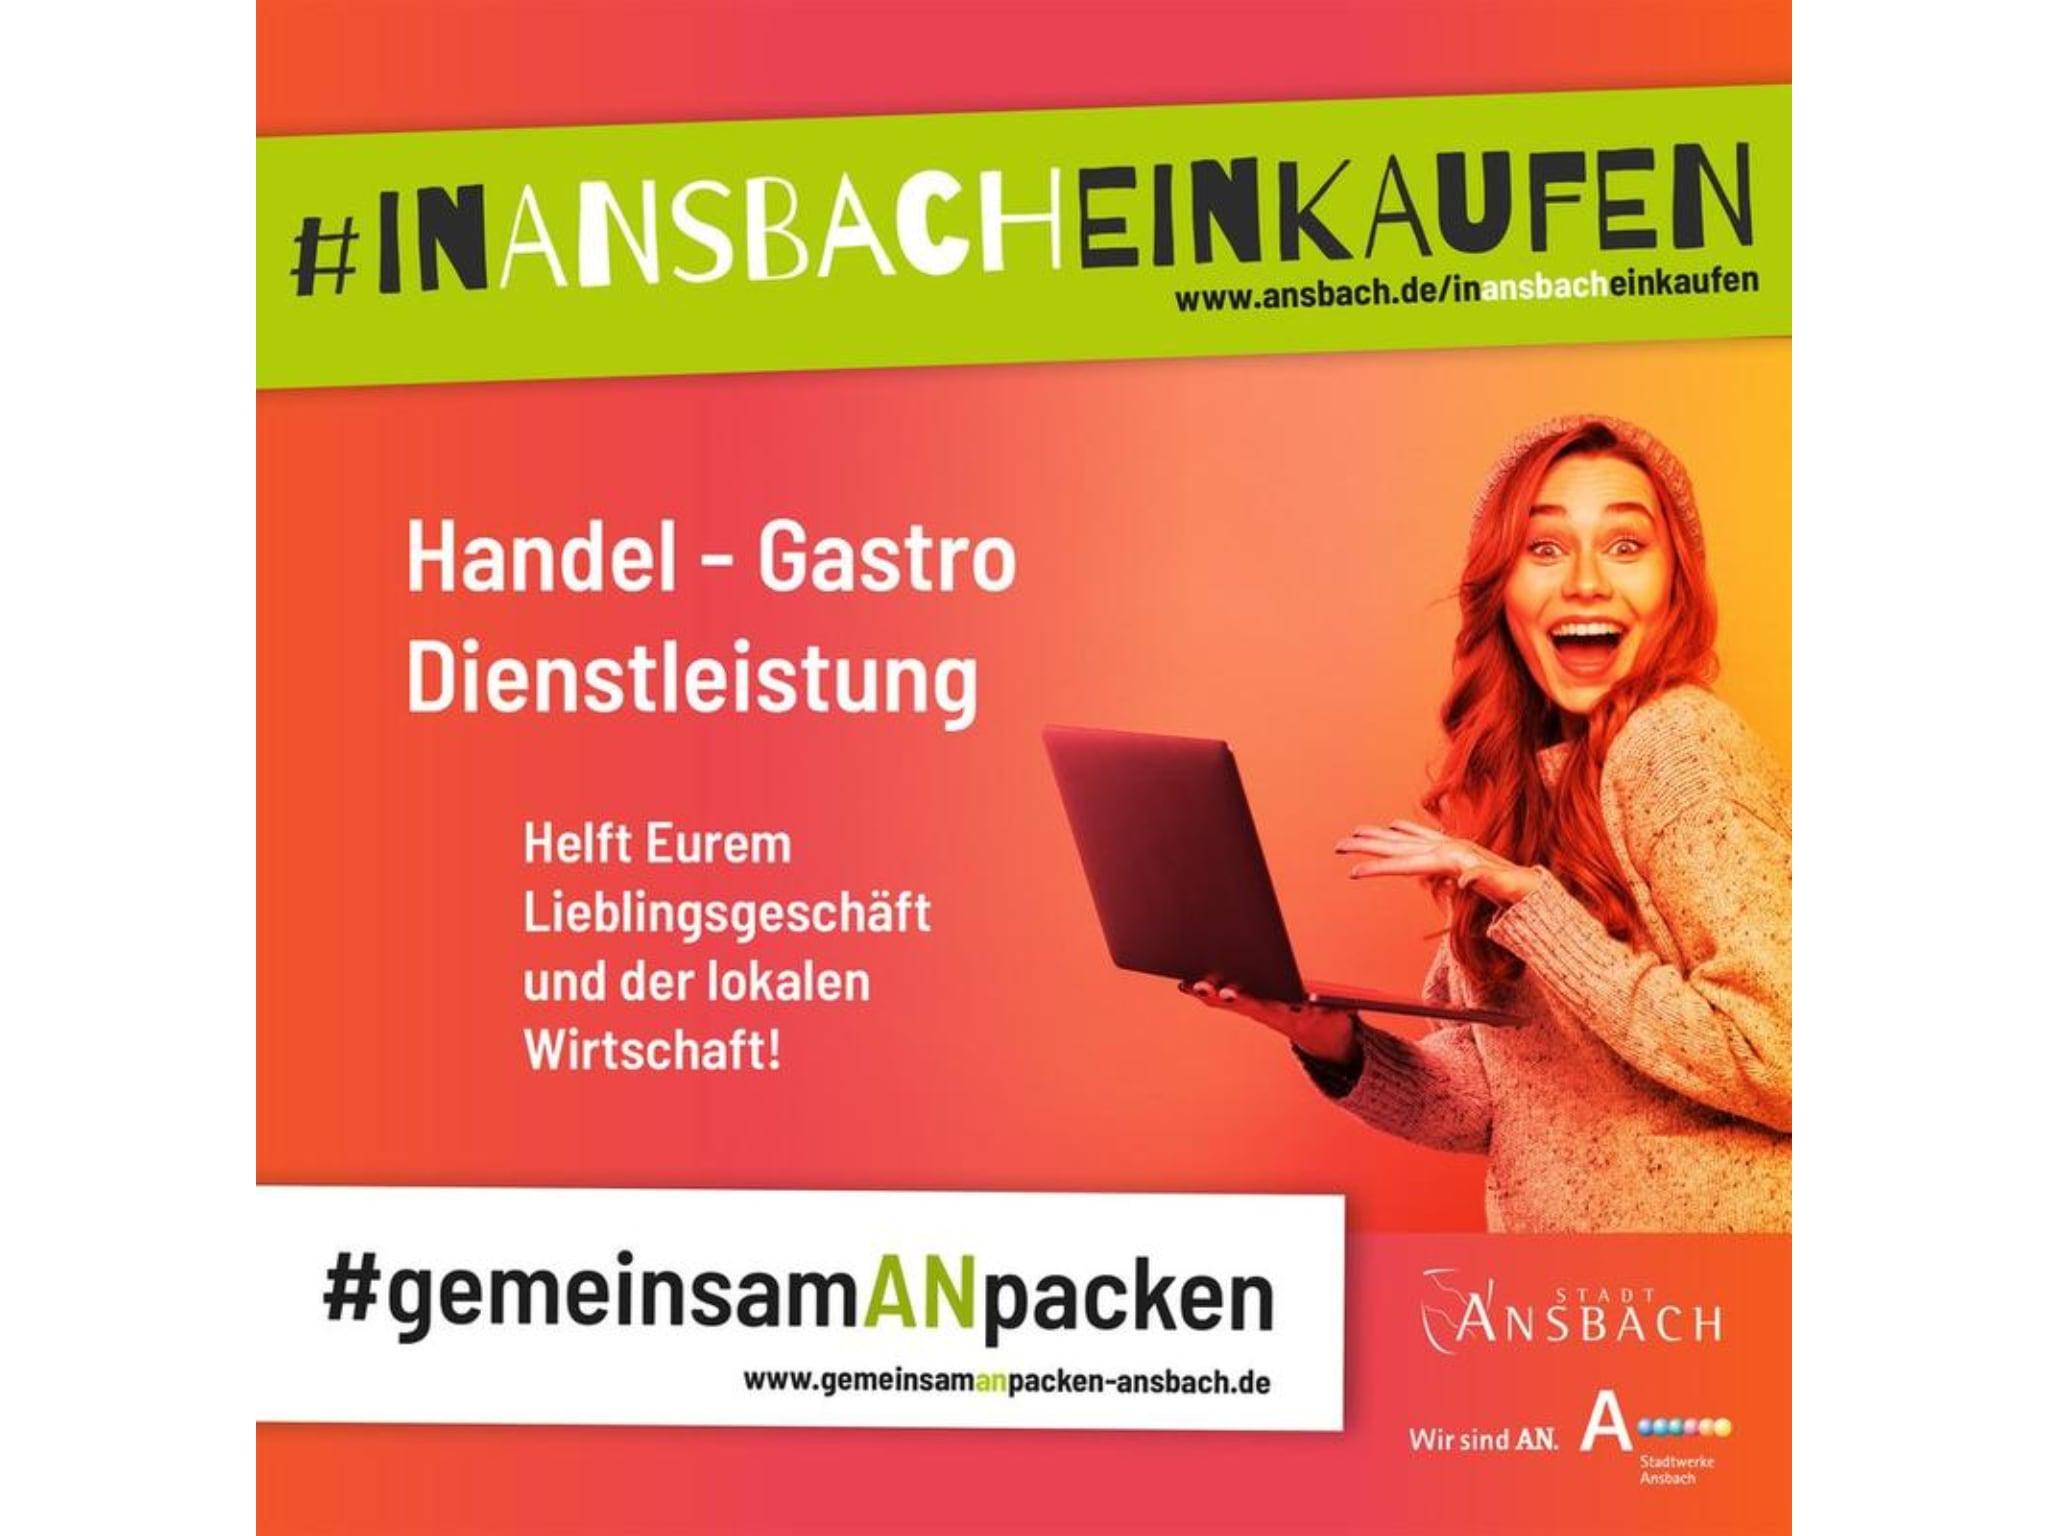 Das Onlineportal #inAnsbacheinkaufen. Grafik: Stadt Ansbach